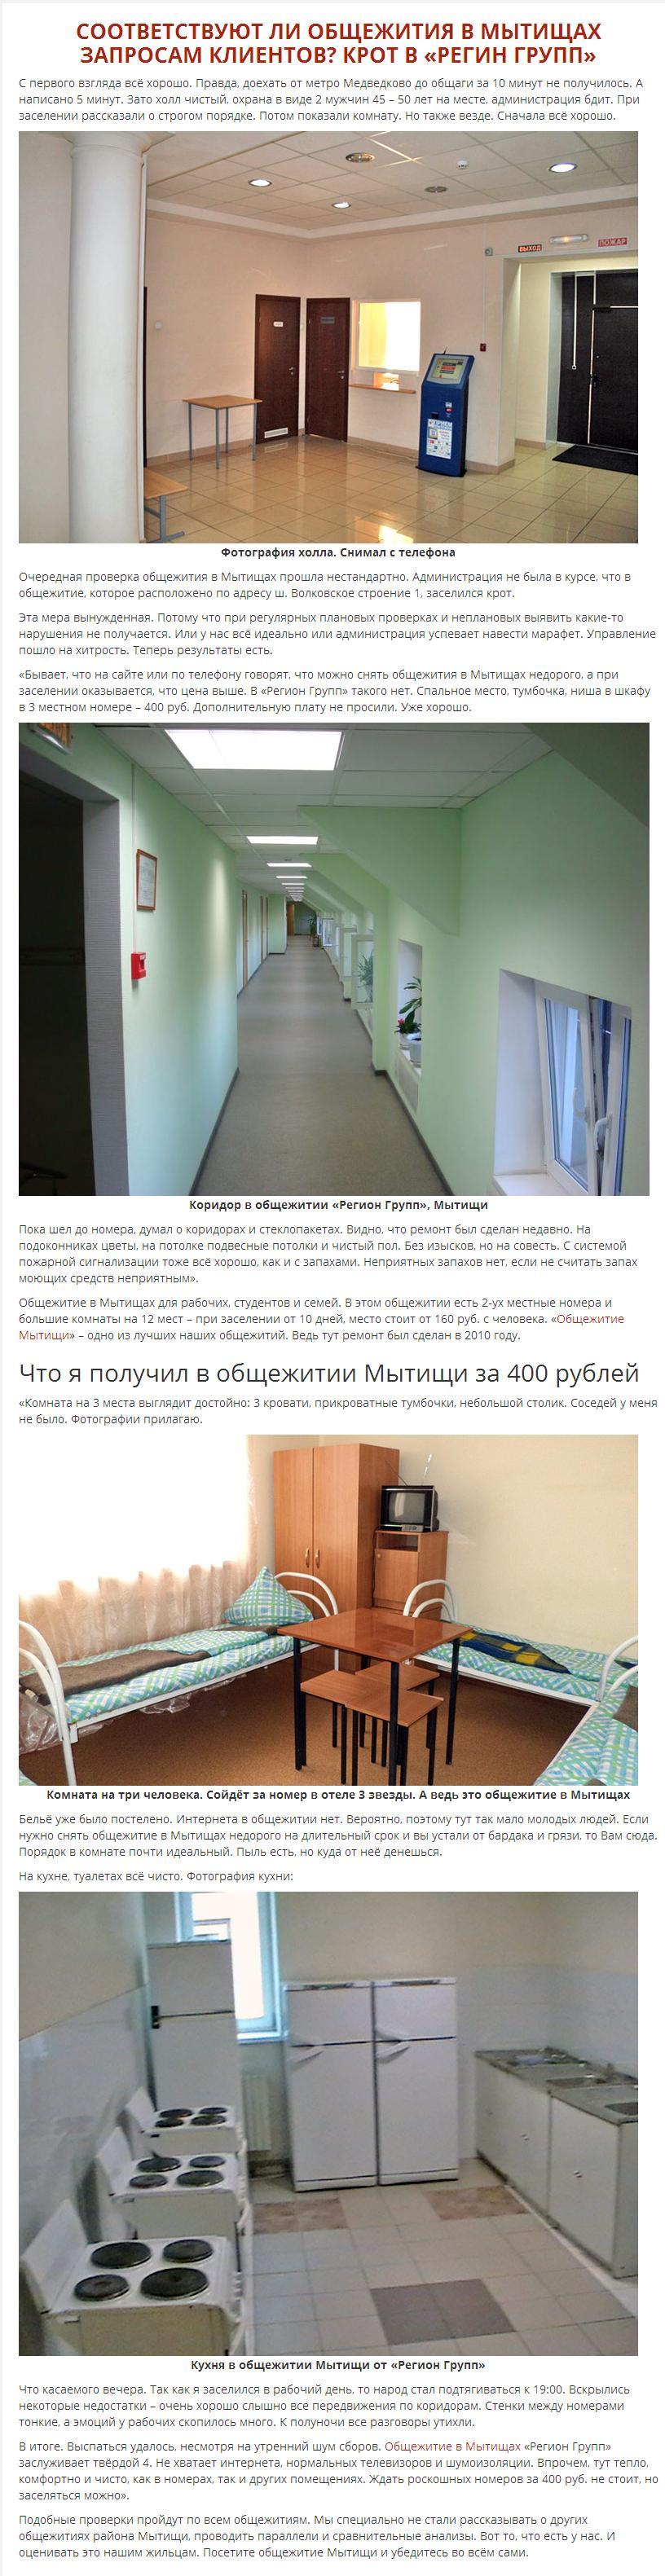 kak-mezhdu-molodimi-na-foto-stoit-tretiy-chelovek